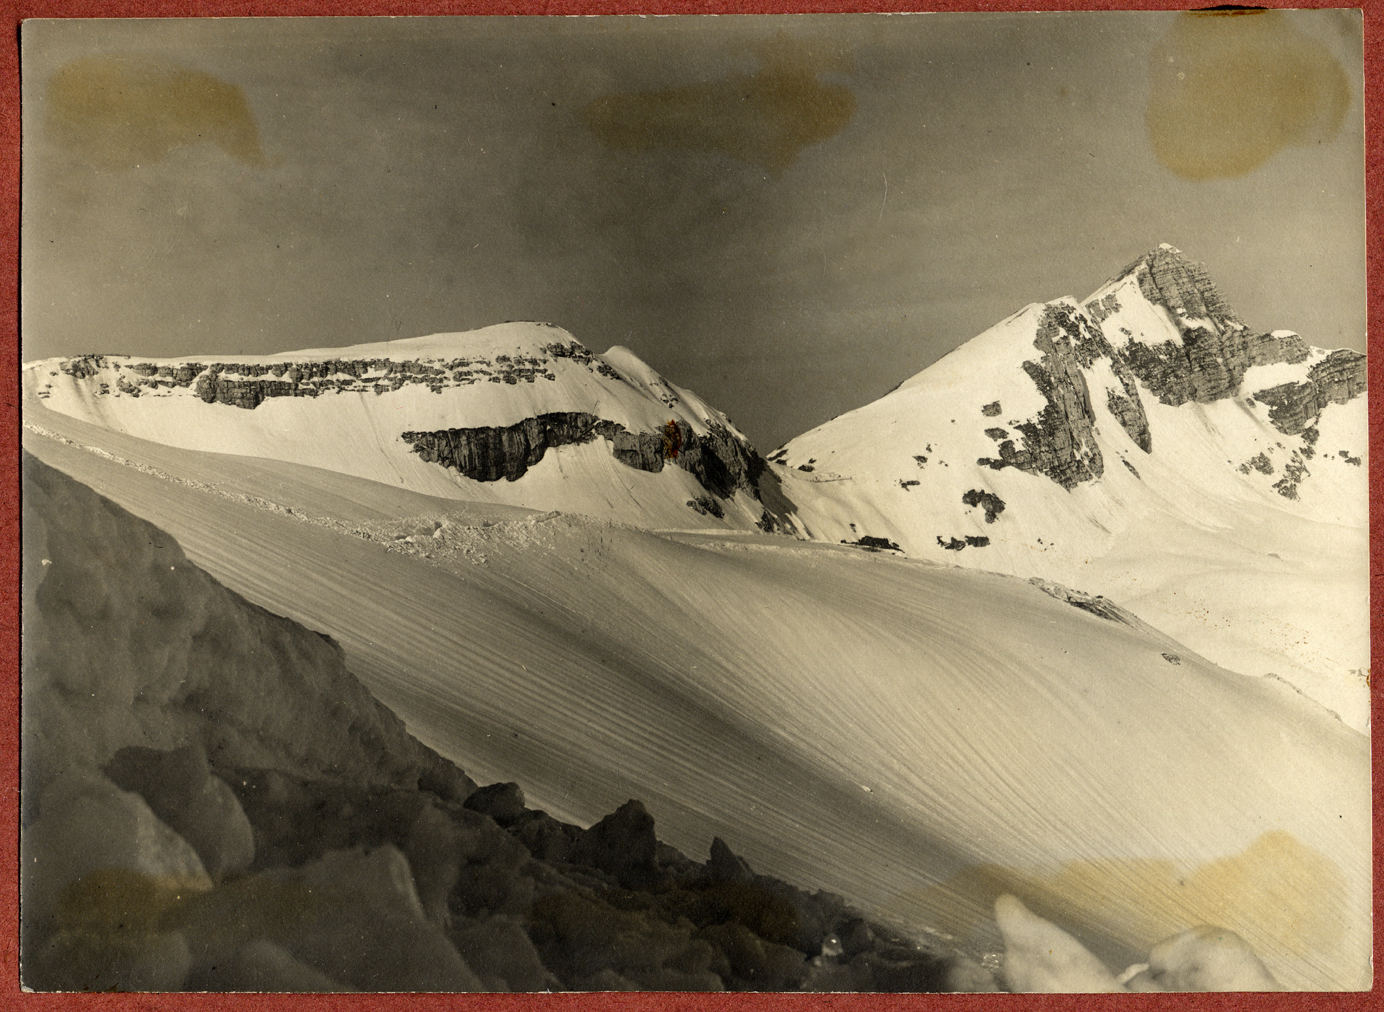 Monte Nero - 01 - (ASDM)